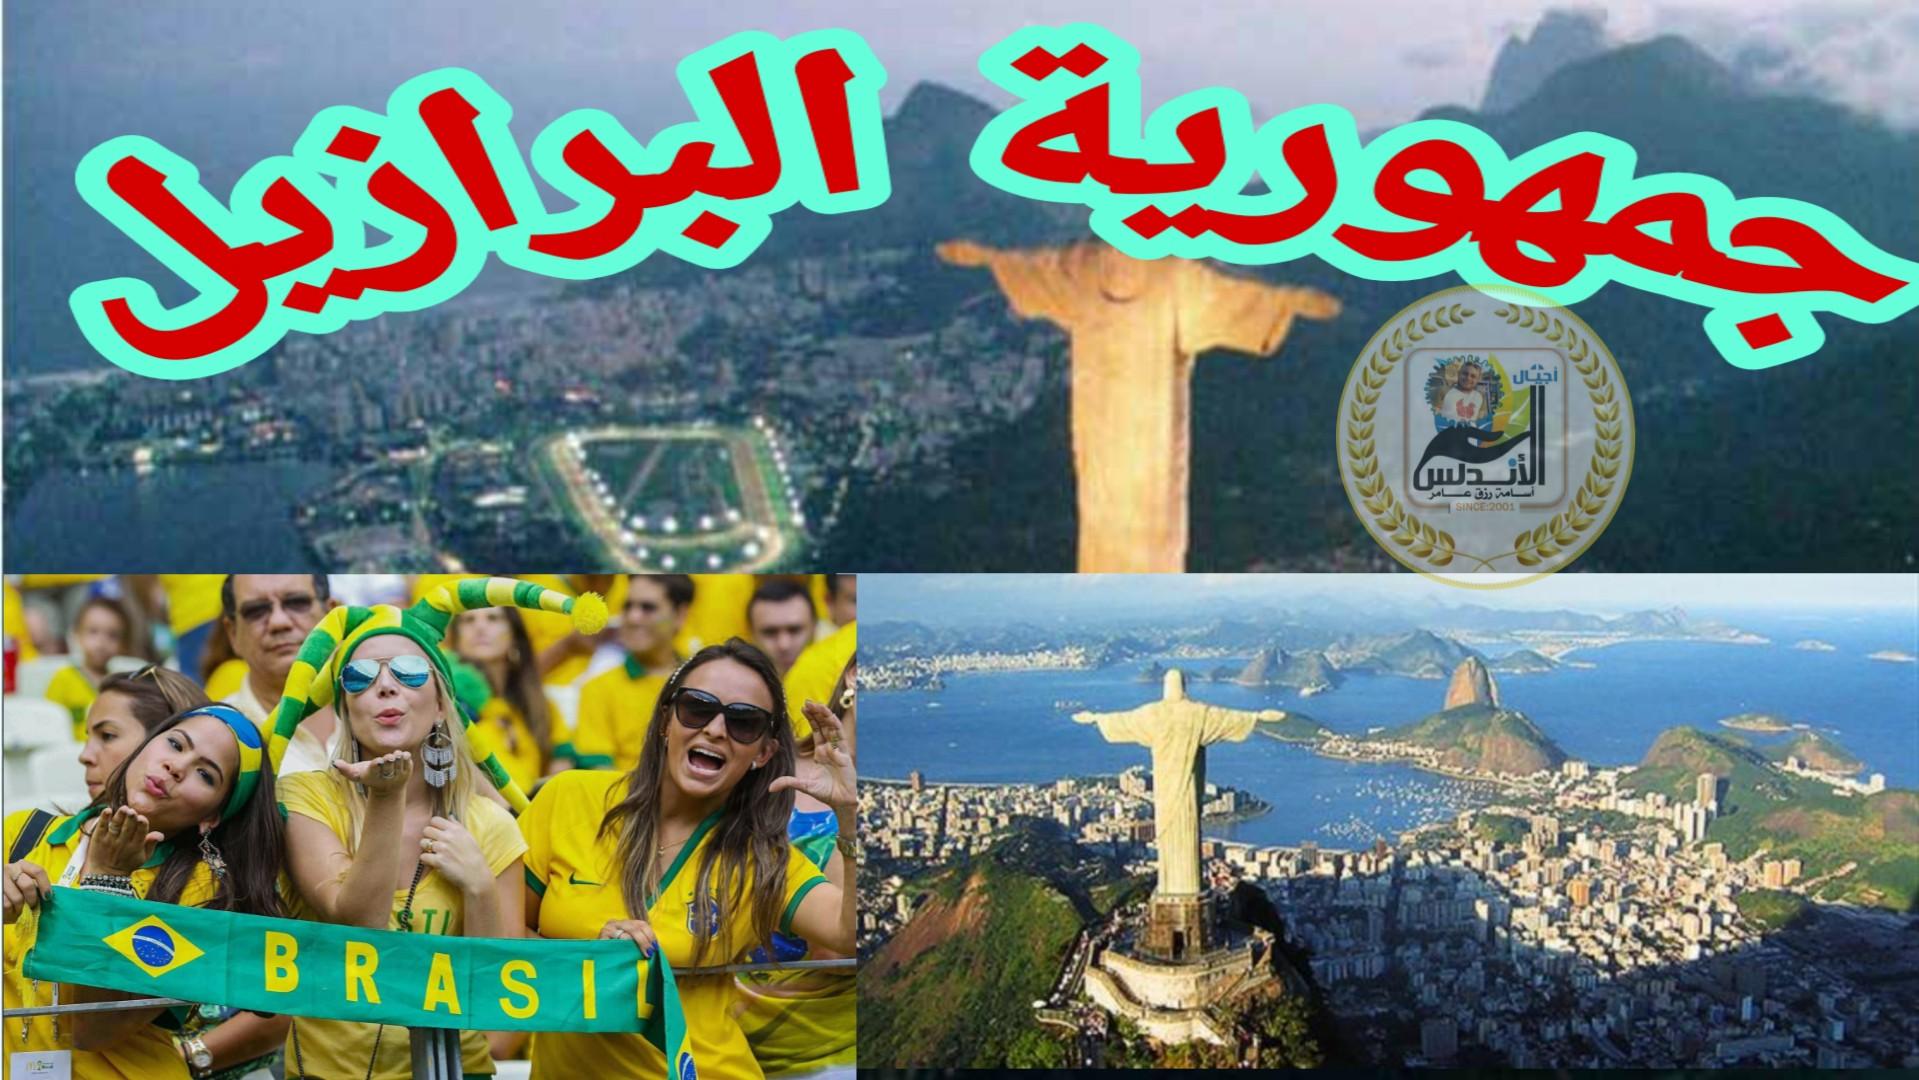 جمهورية البرازيل الاتحادية - الصف الثالث الاعدادي - اجيال الاندلس